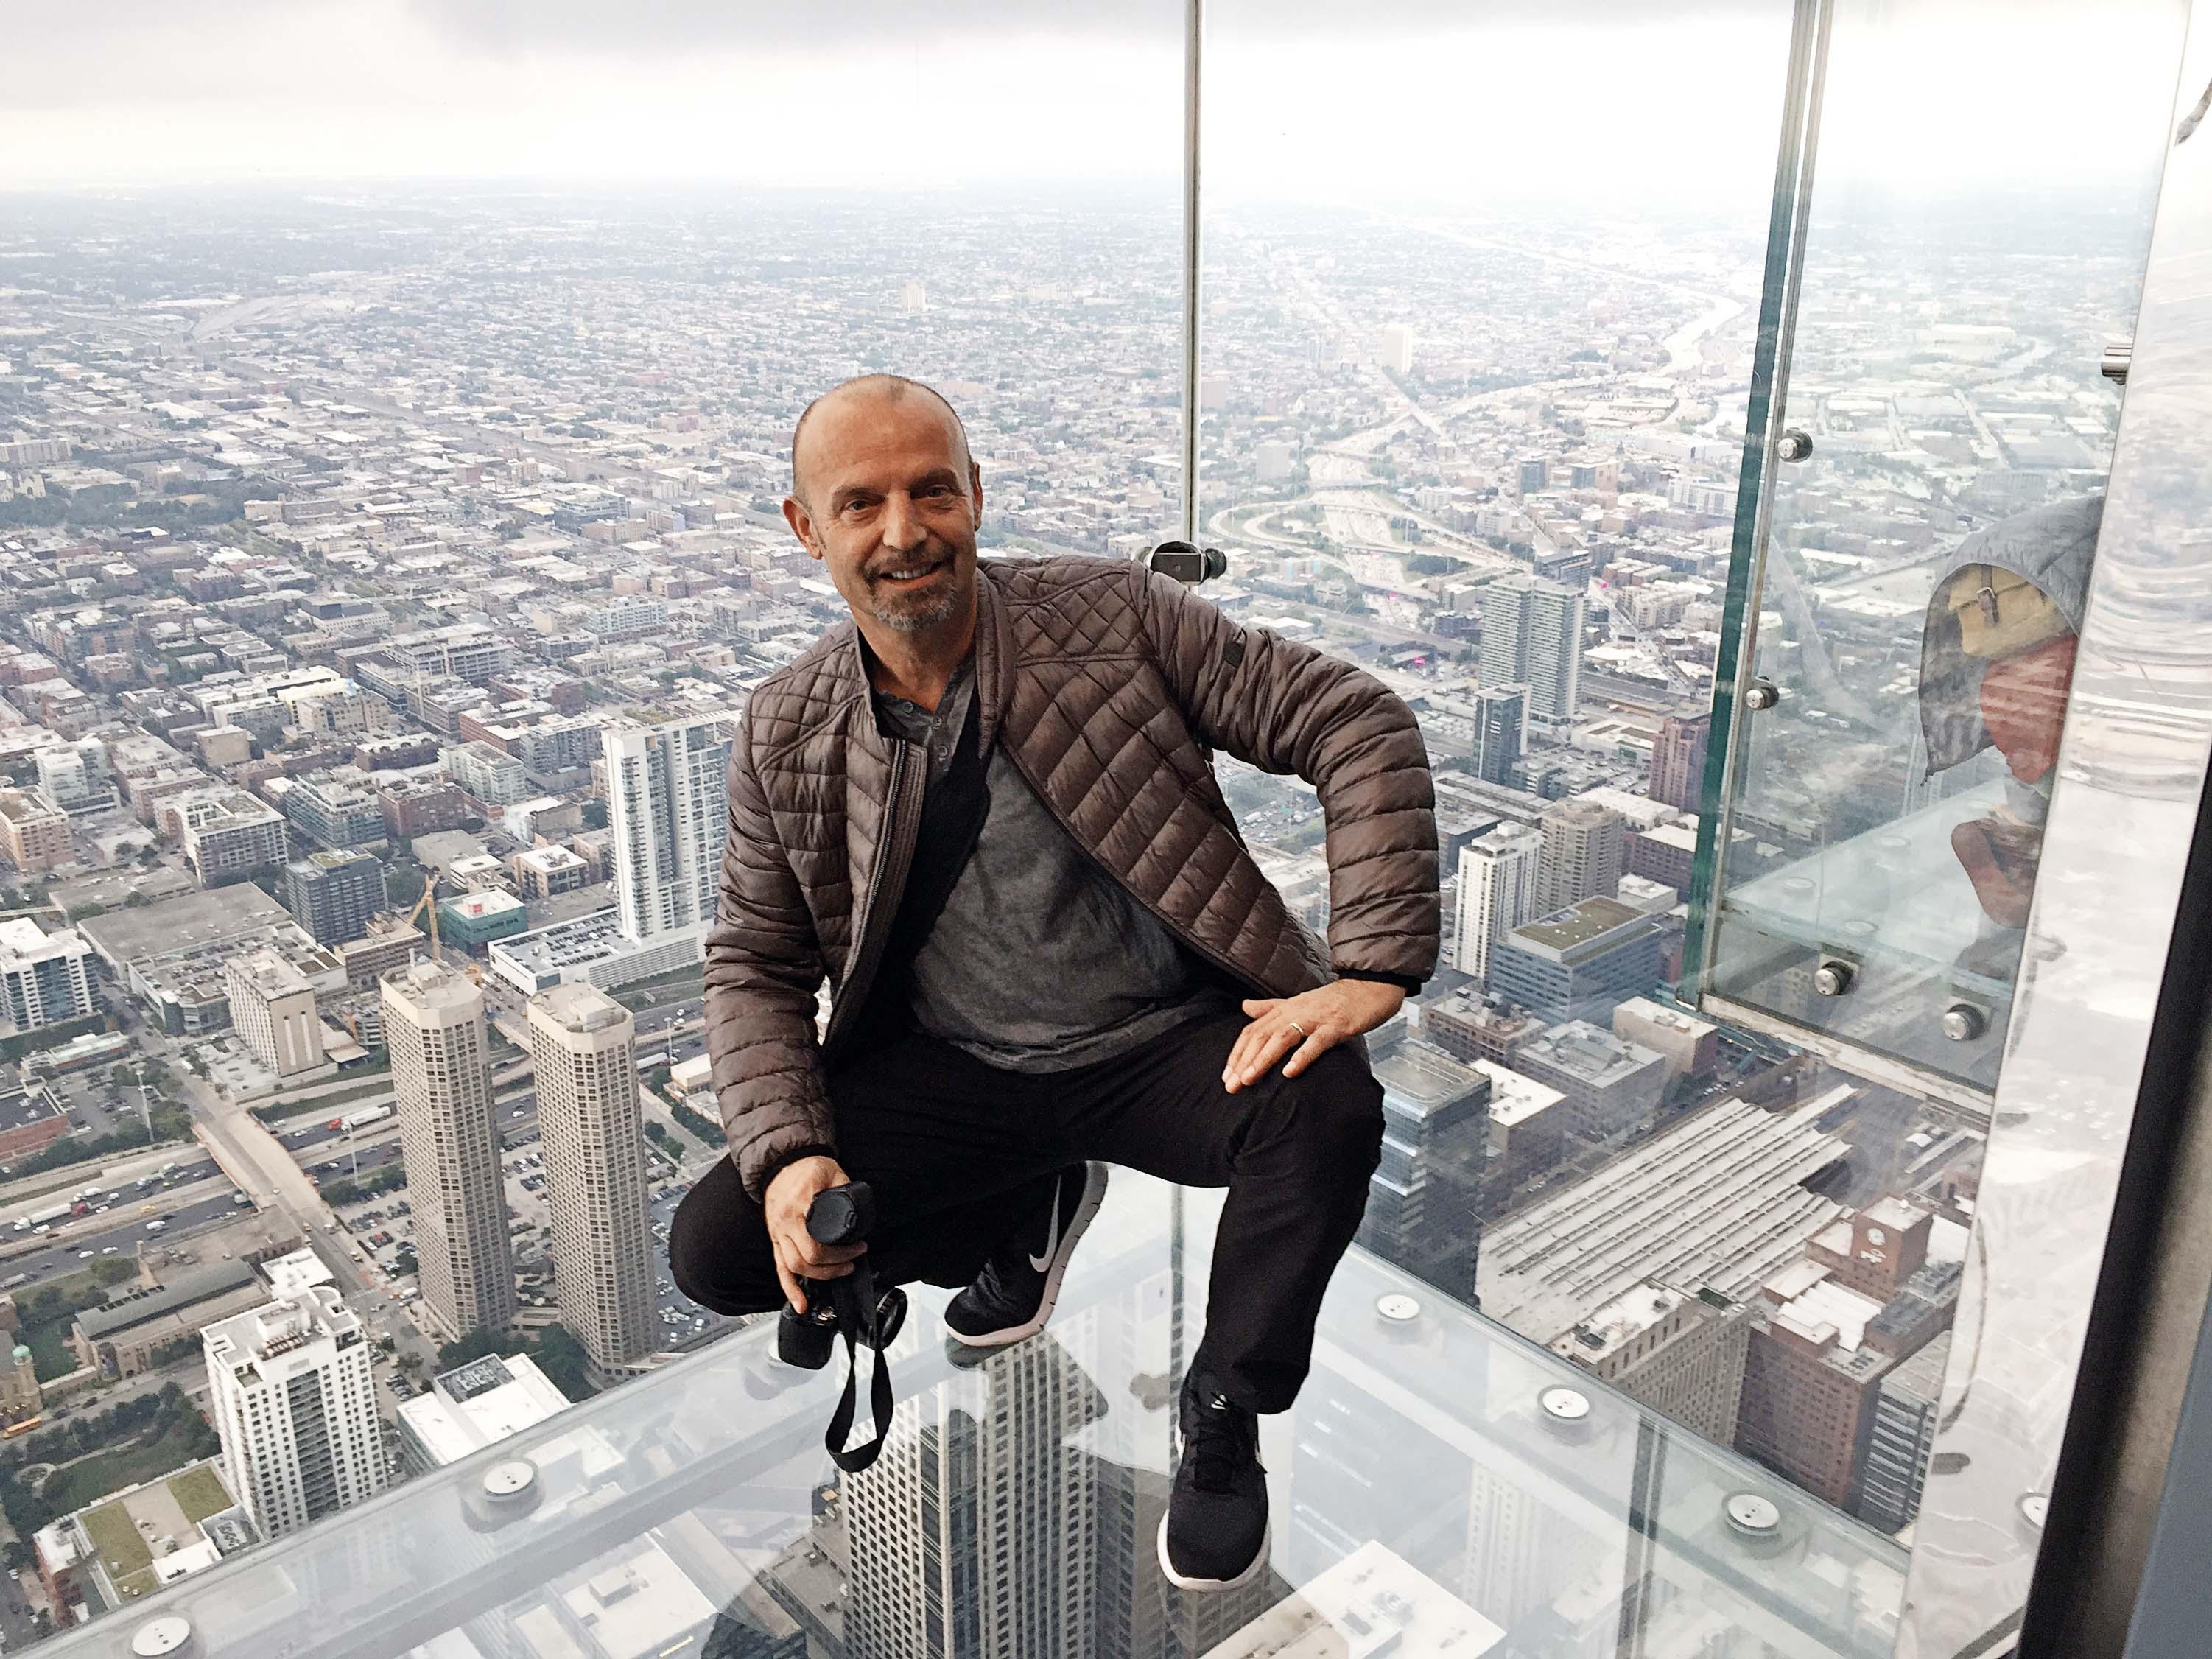 Glumac na vrhu Sears Towera, drugog najvišeg nebodera u SAD-u, s kojeg se pogled pruža na čak četiri savezne države